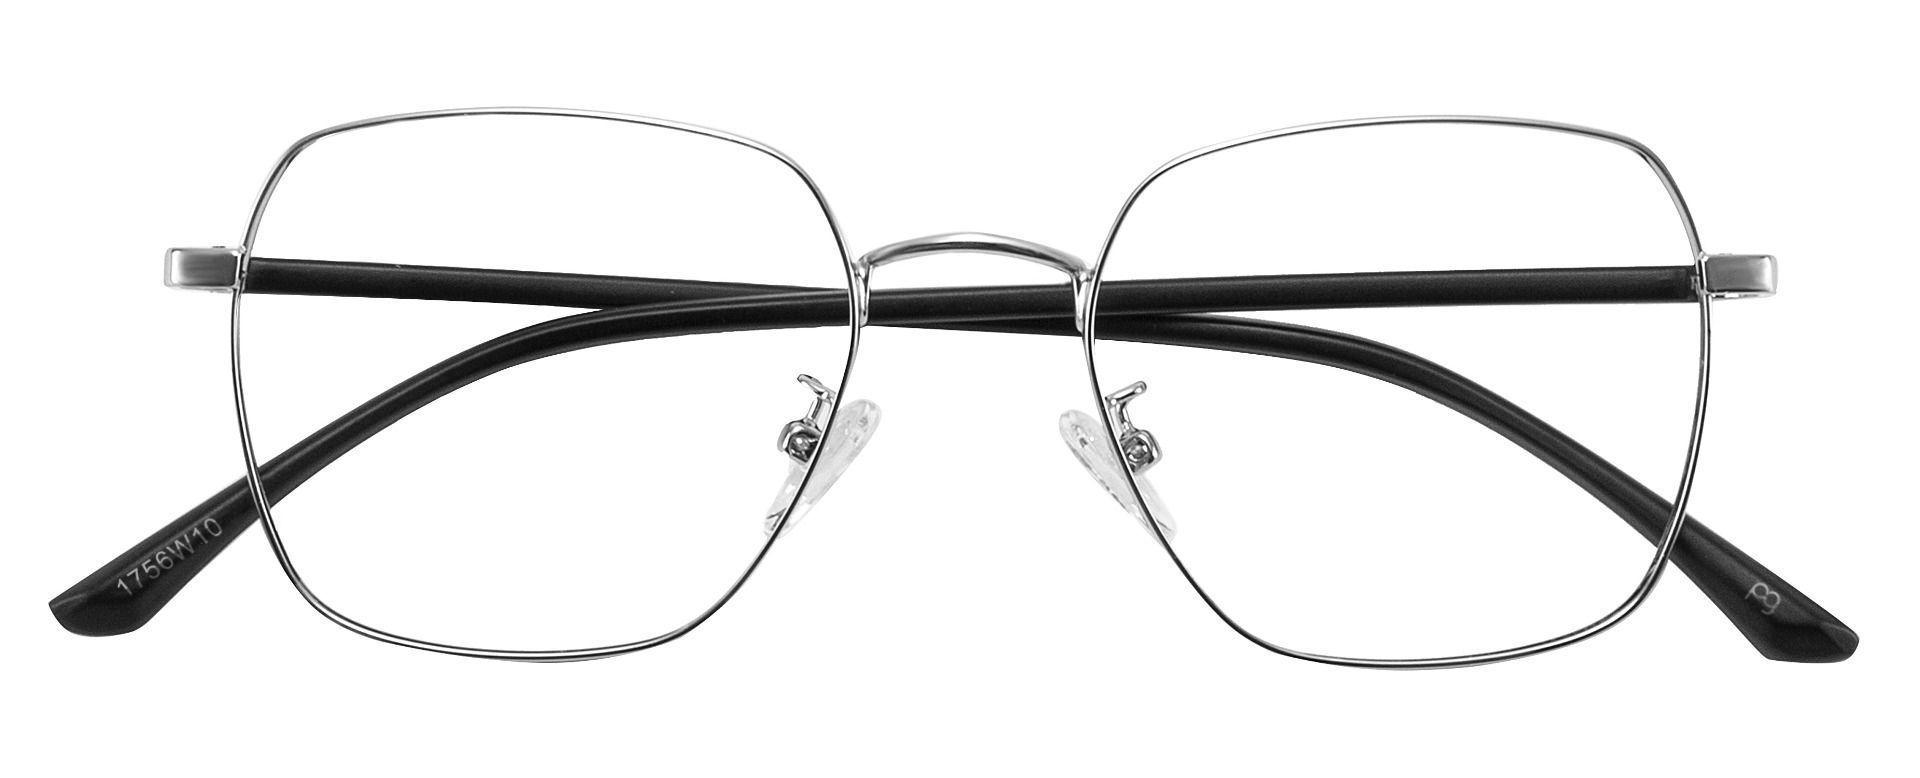 Bryant Square Prescription Glasses - Silver